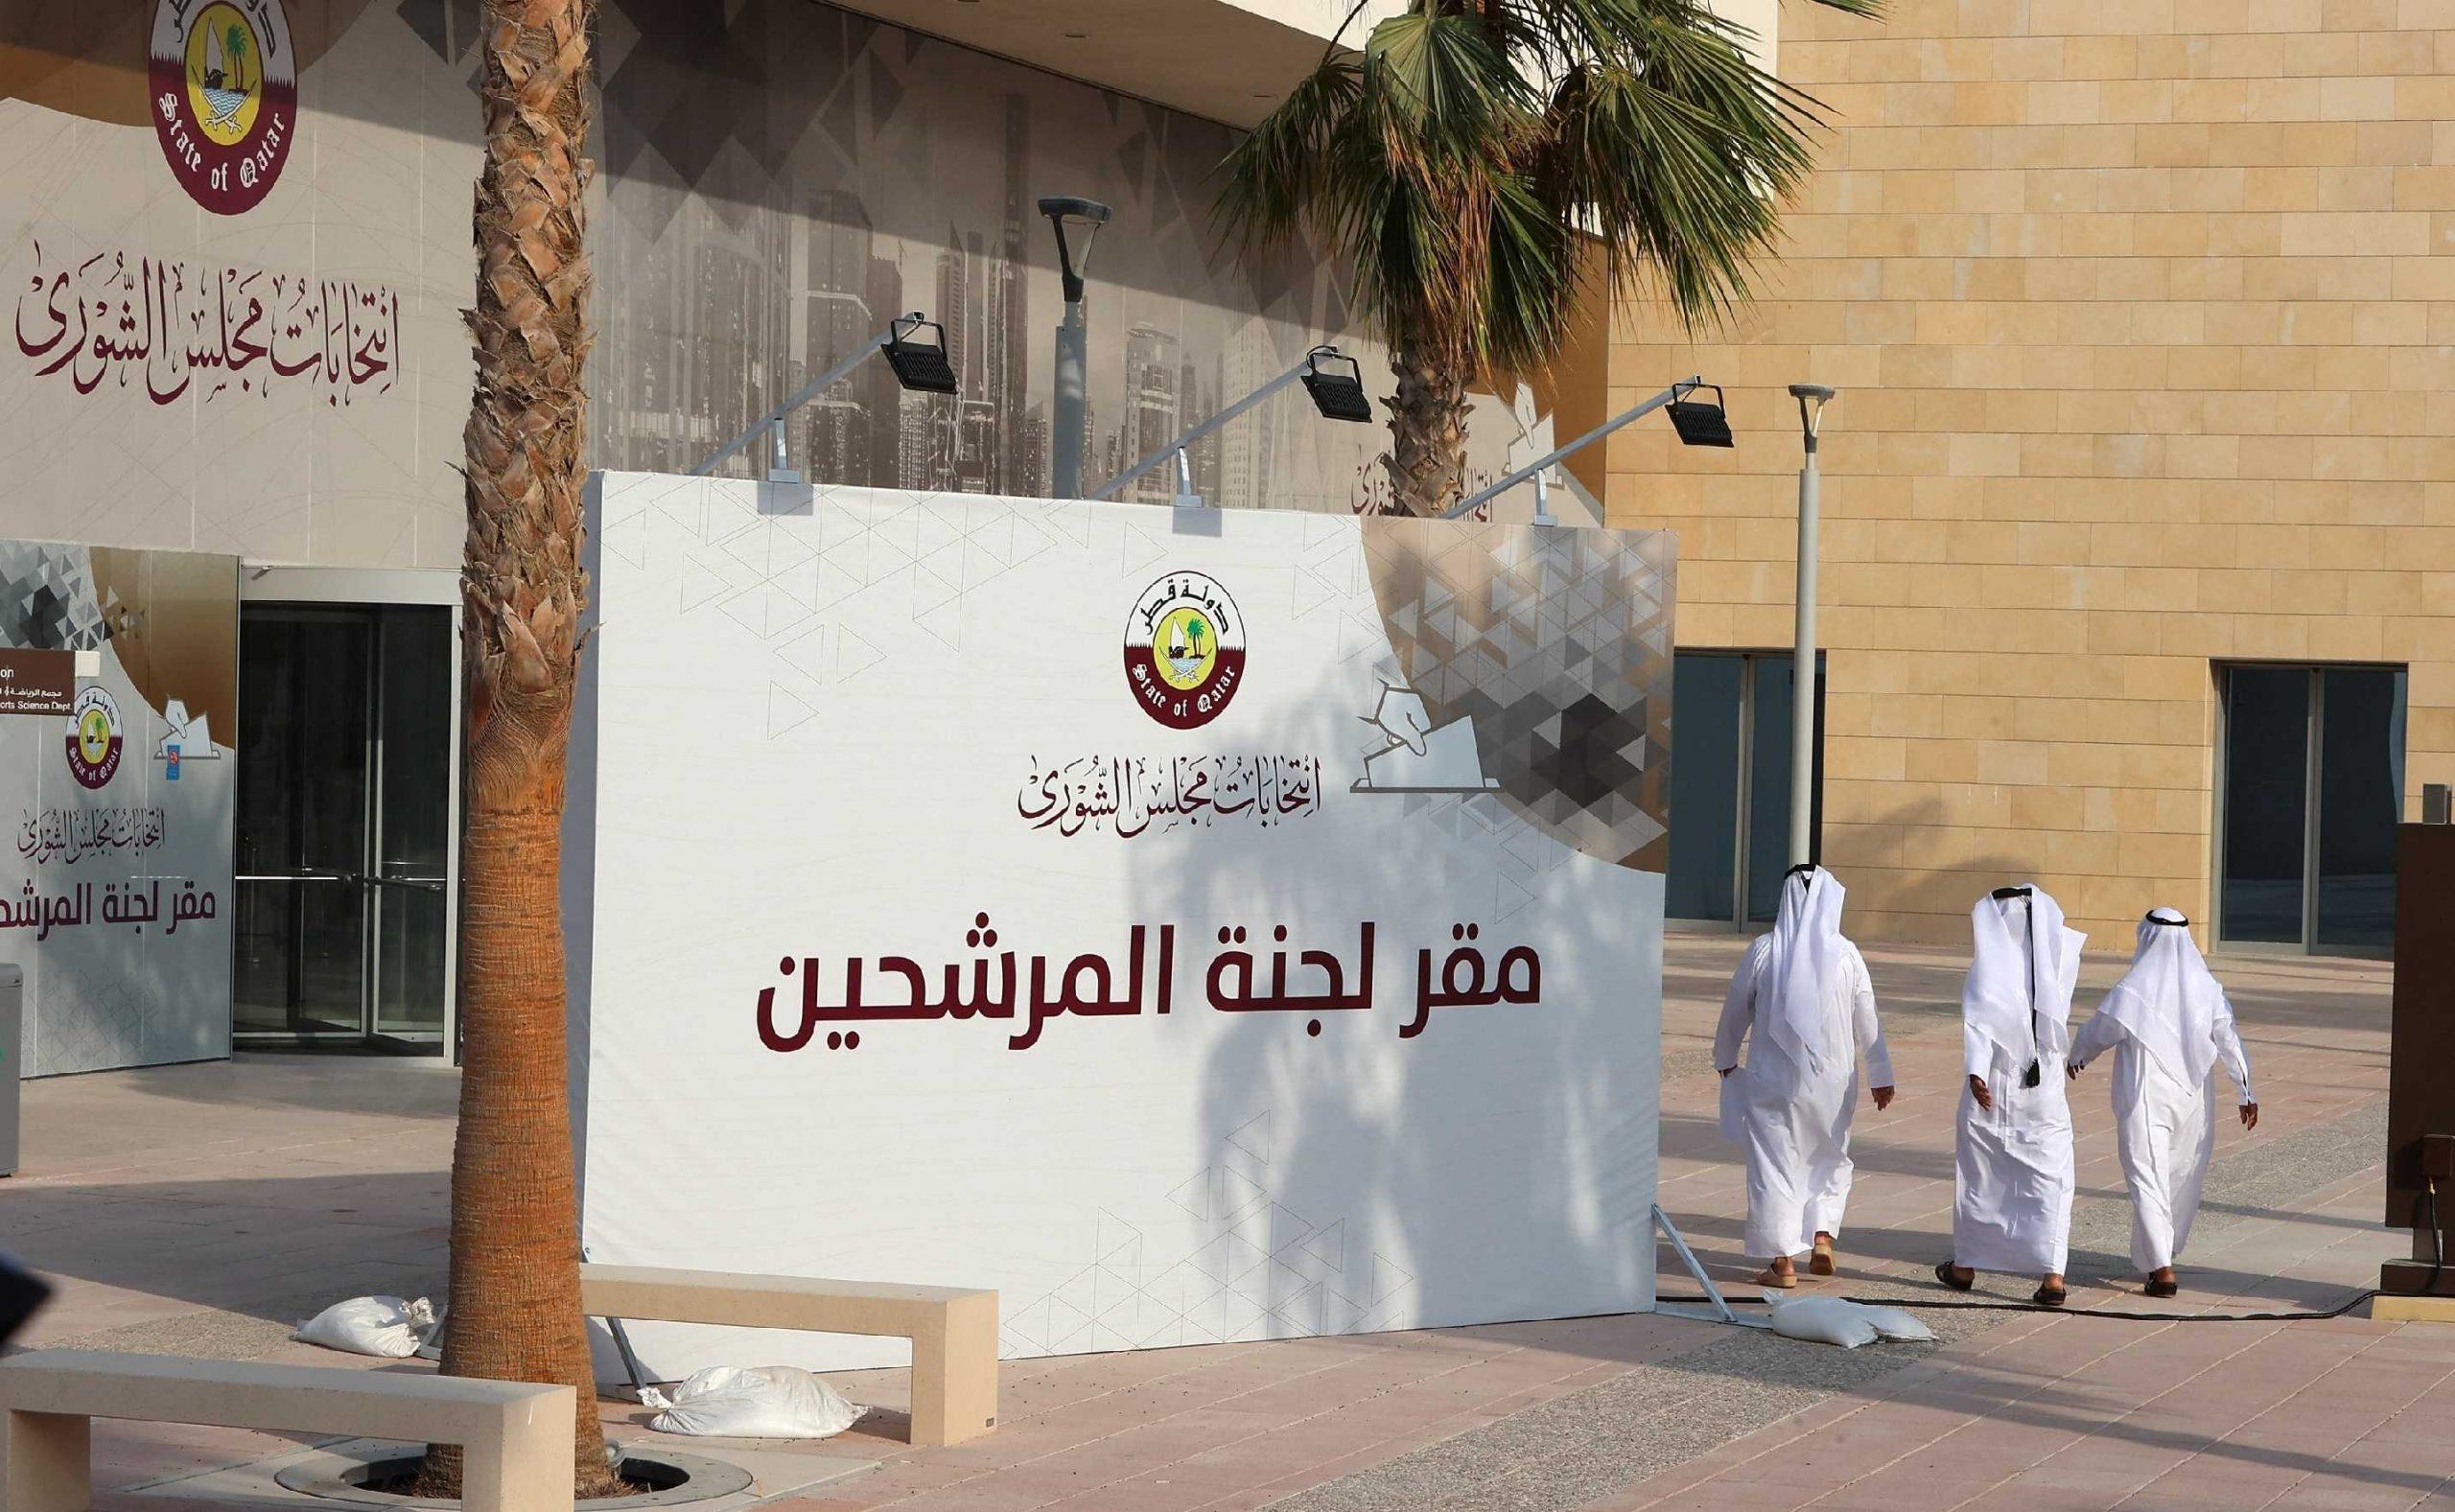 مجلس شورى منتخب في قطر